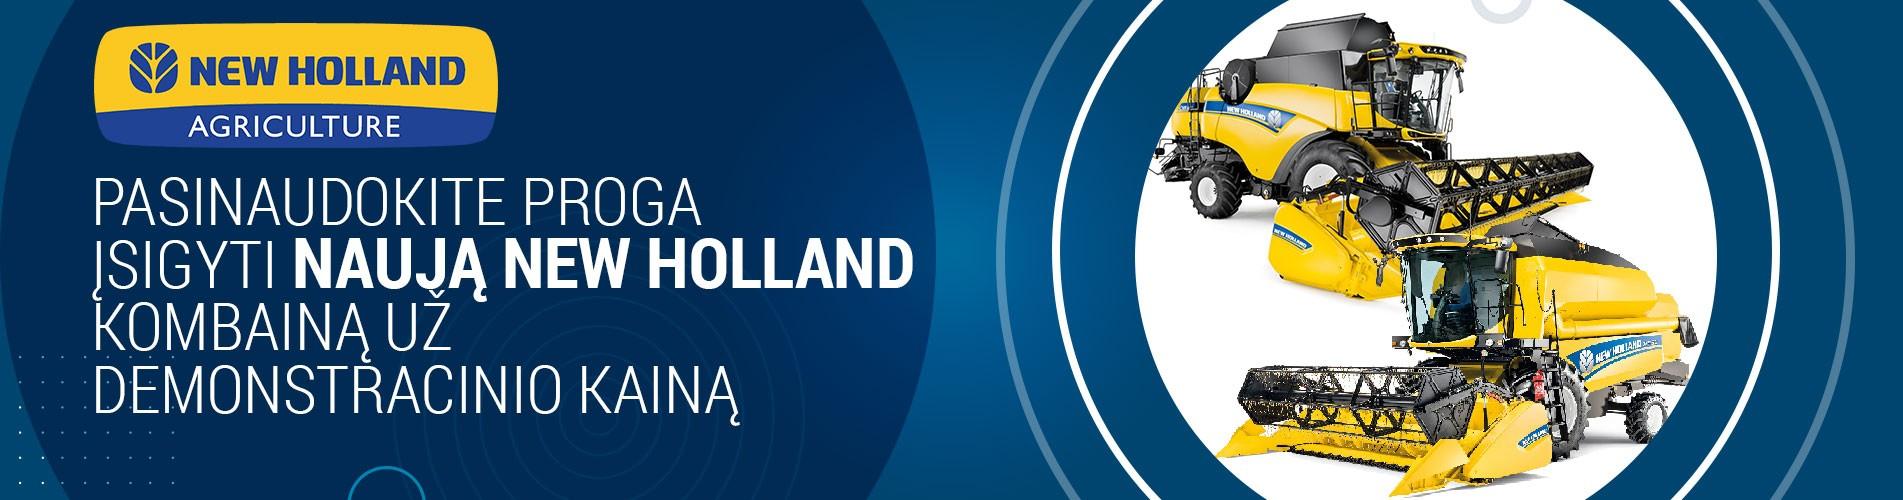 Pasinaudokite proga įsigyti naują NEW HOLLAND kombainą už demonstracinio kainą